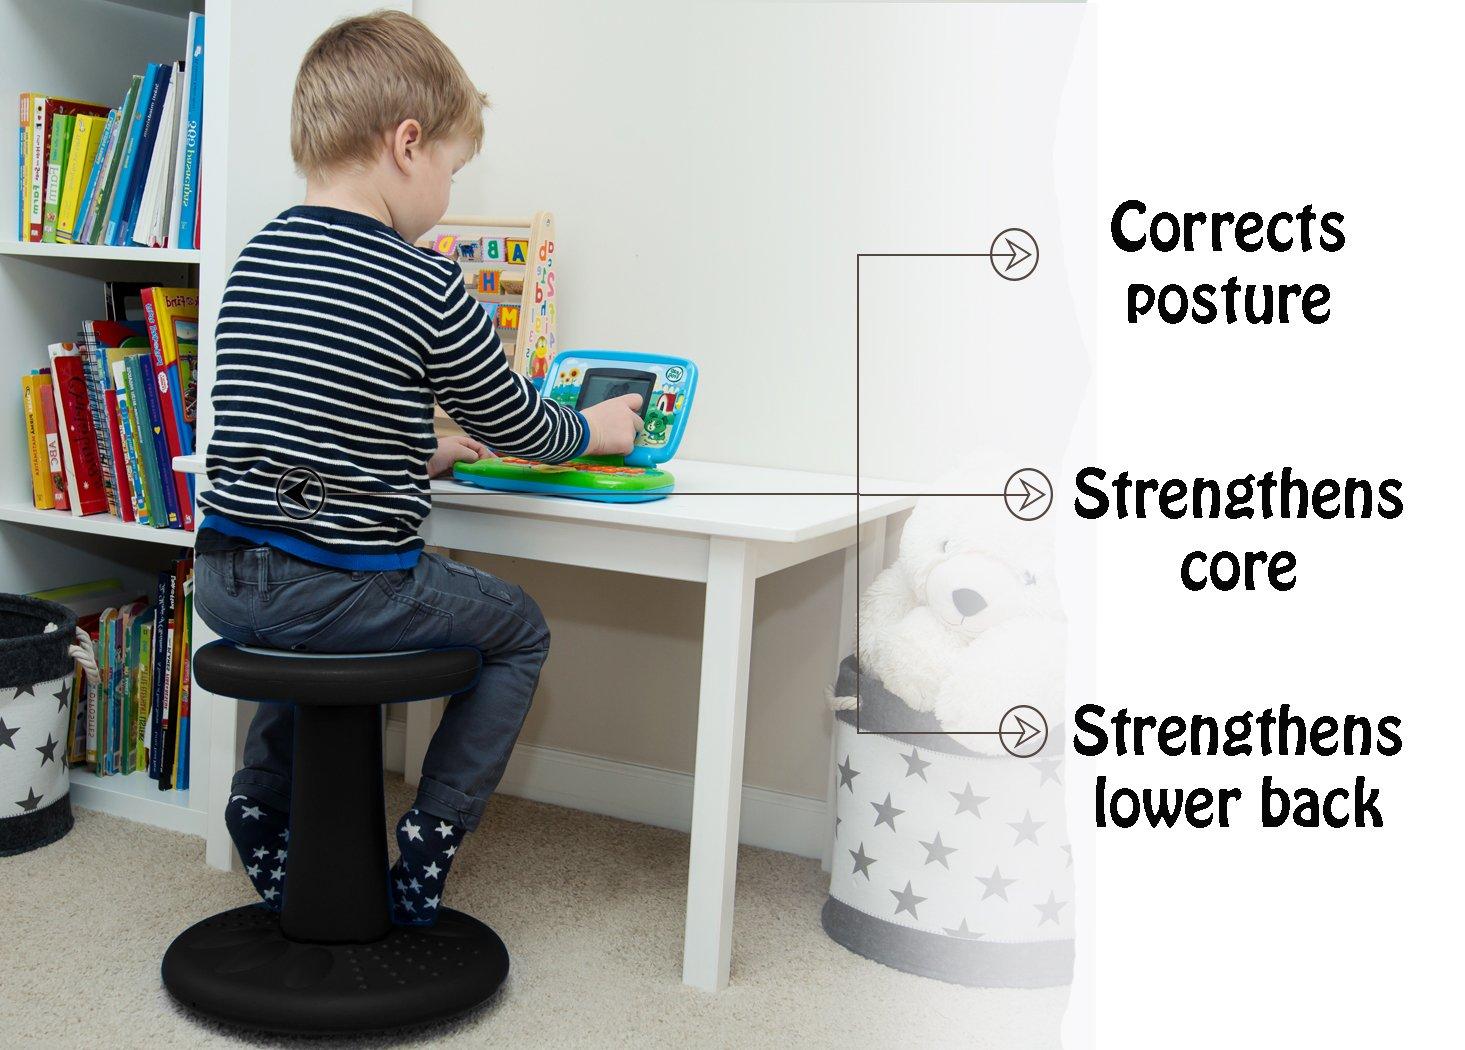 Corrige la Posture-35.5cm Grand ADD//ADHD G/énialSi/ège Bancal pour Enfants Hyperactifs Assise Active pour Bambins Chaise Enfant Toujours Actif Maternelles /& Enfants Qui Ne Tiennent Pas en Place